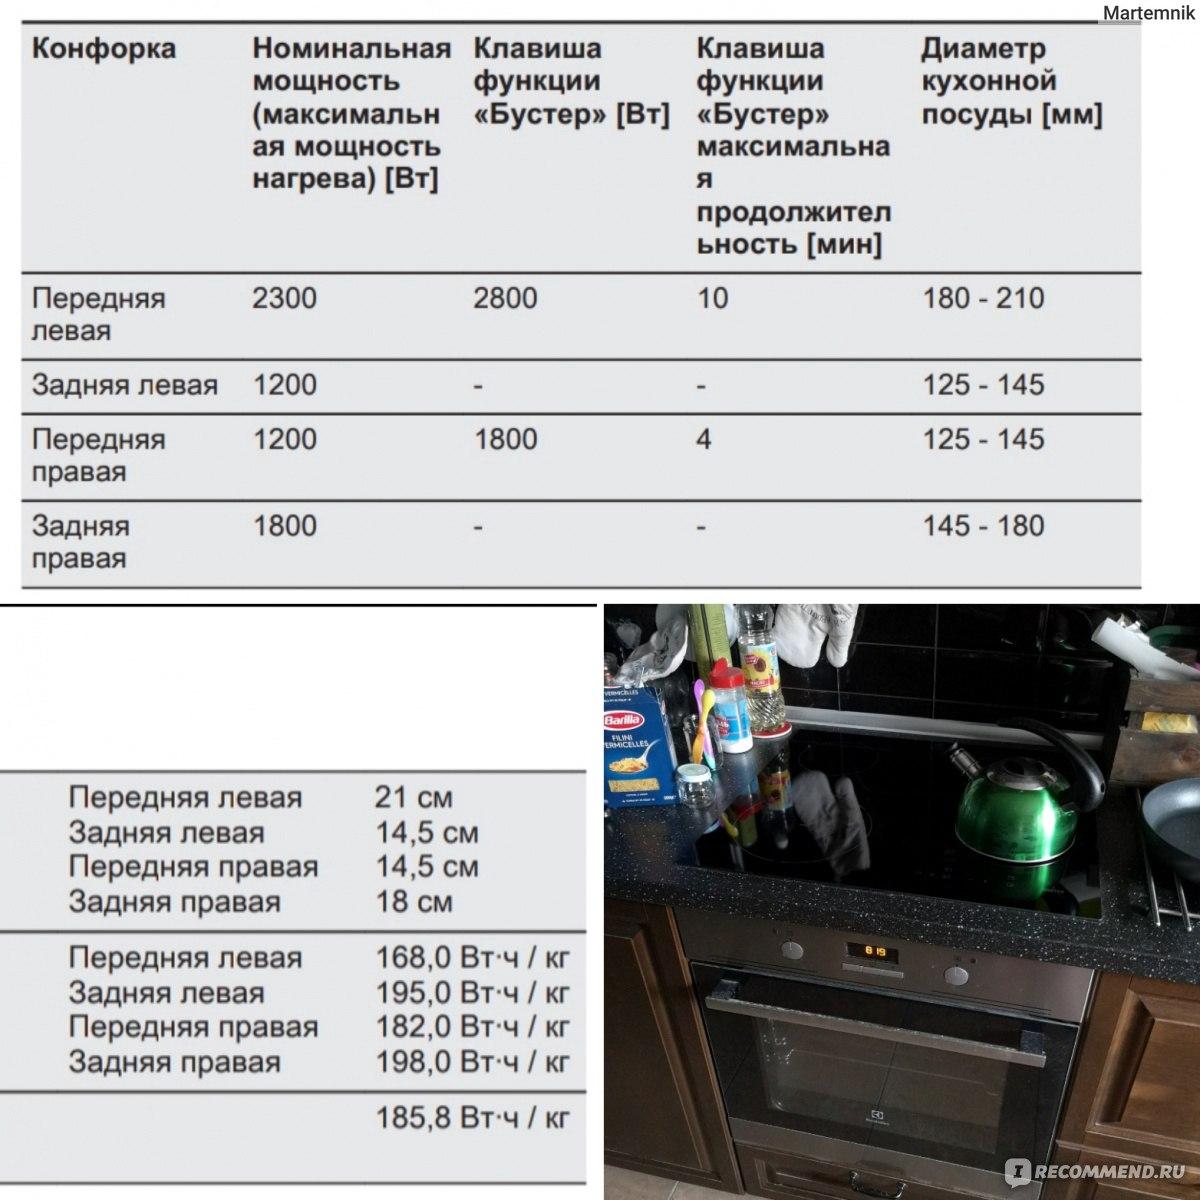 Индукционная плита: мощность, энергопотребление, насколько экономичнее электрической варочной панели